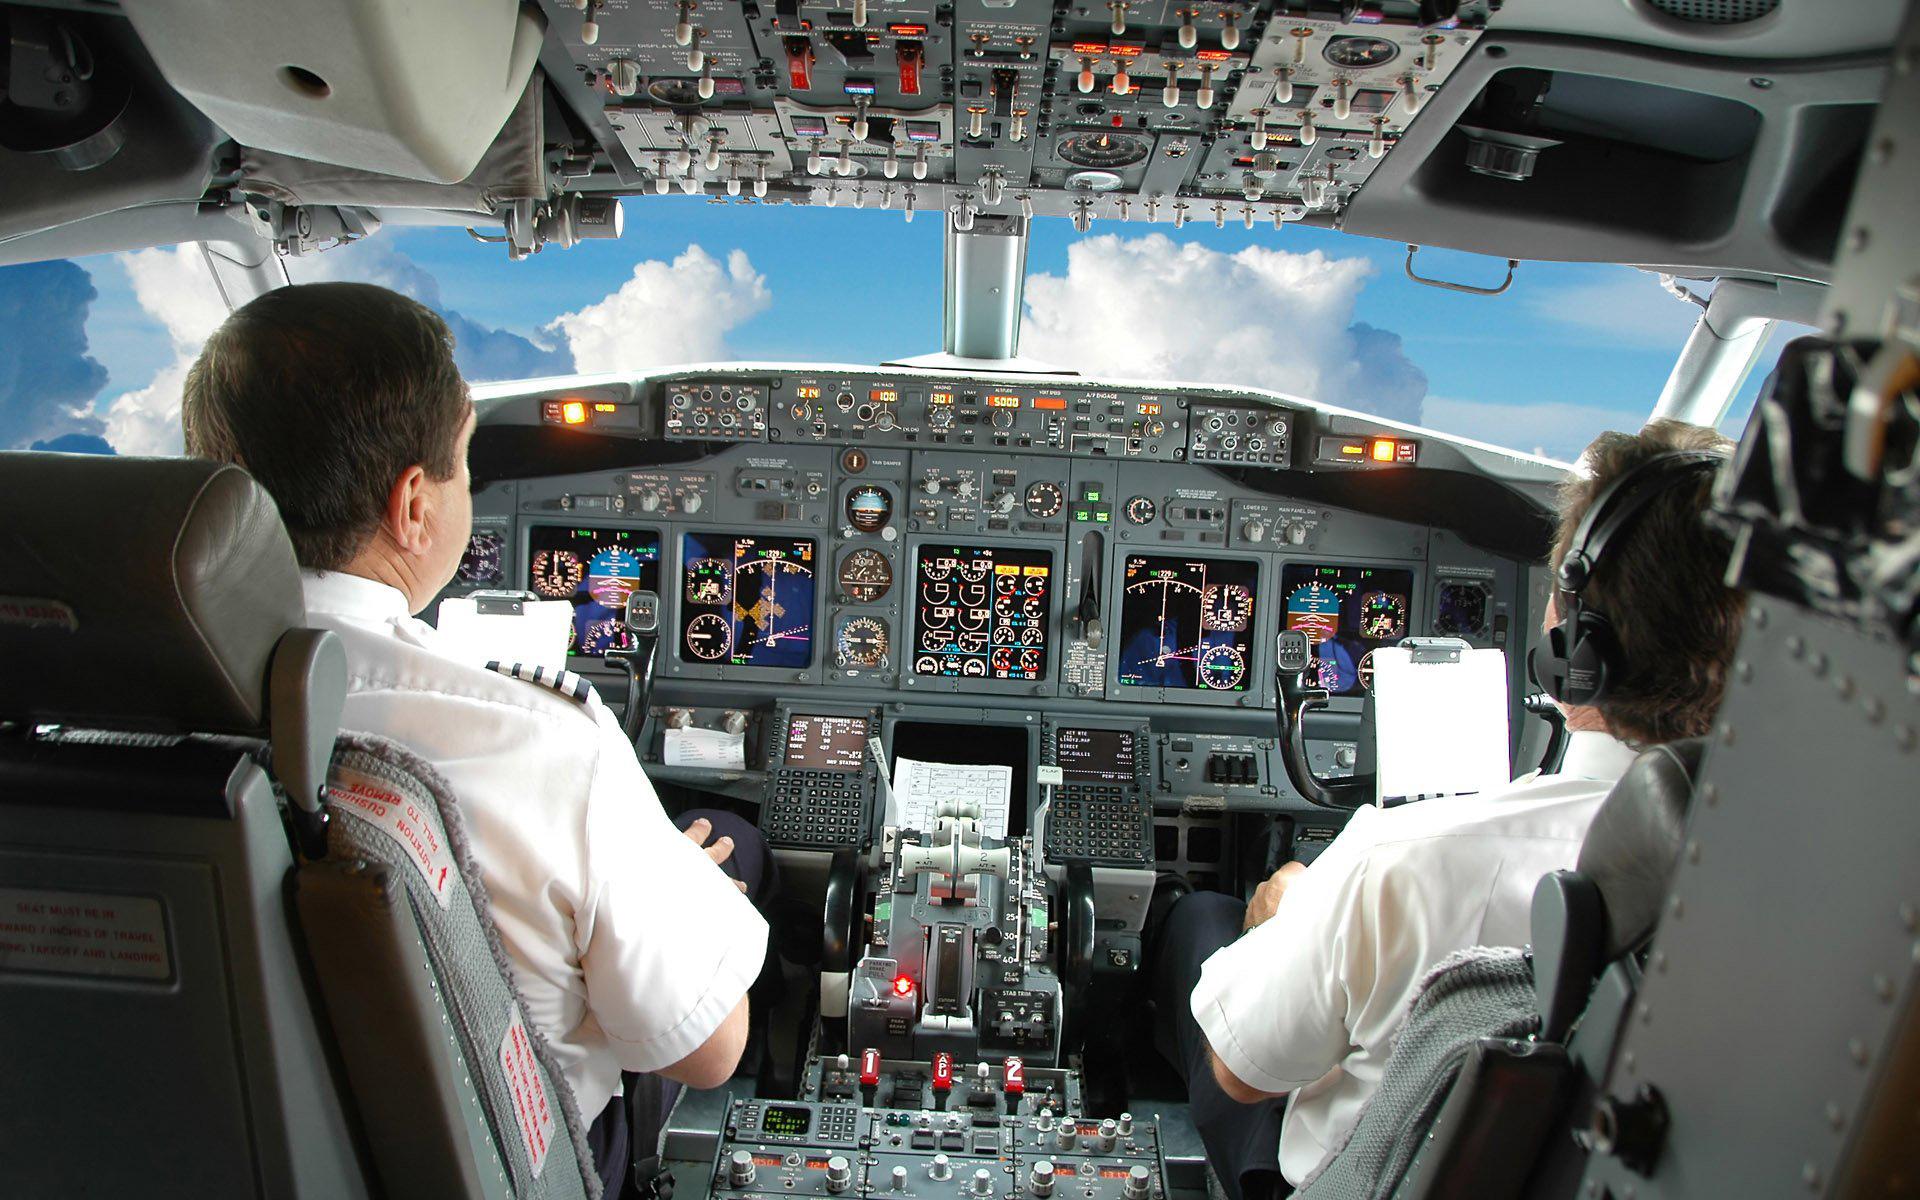 Работа пилотом бизнес авиации в москве